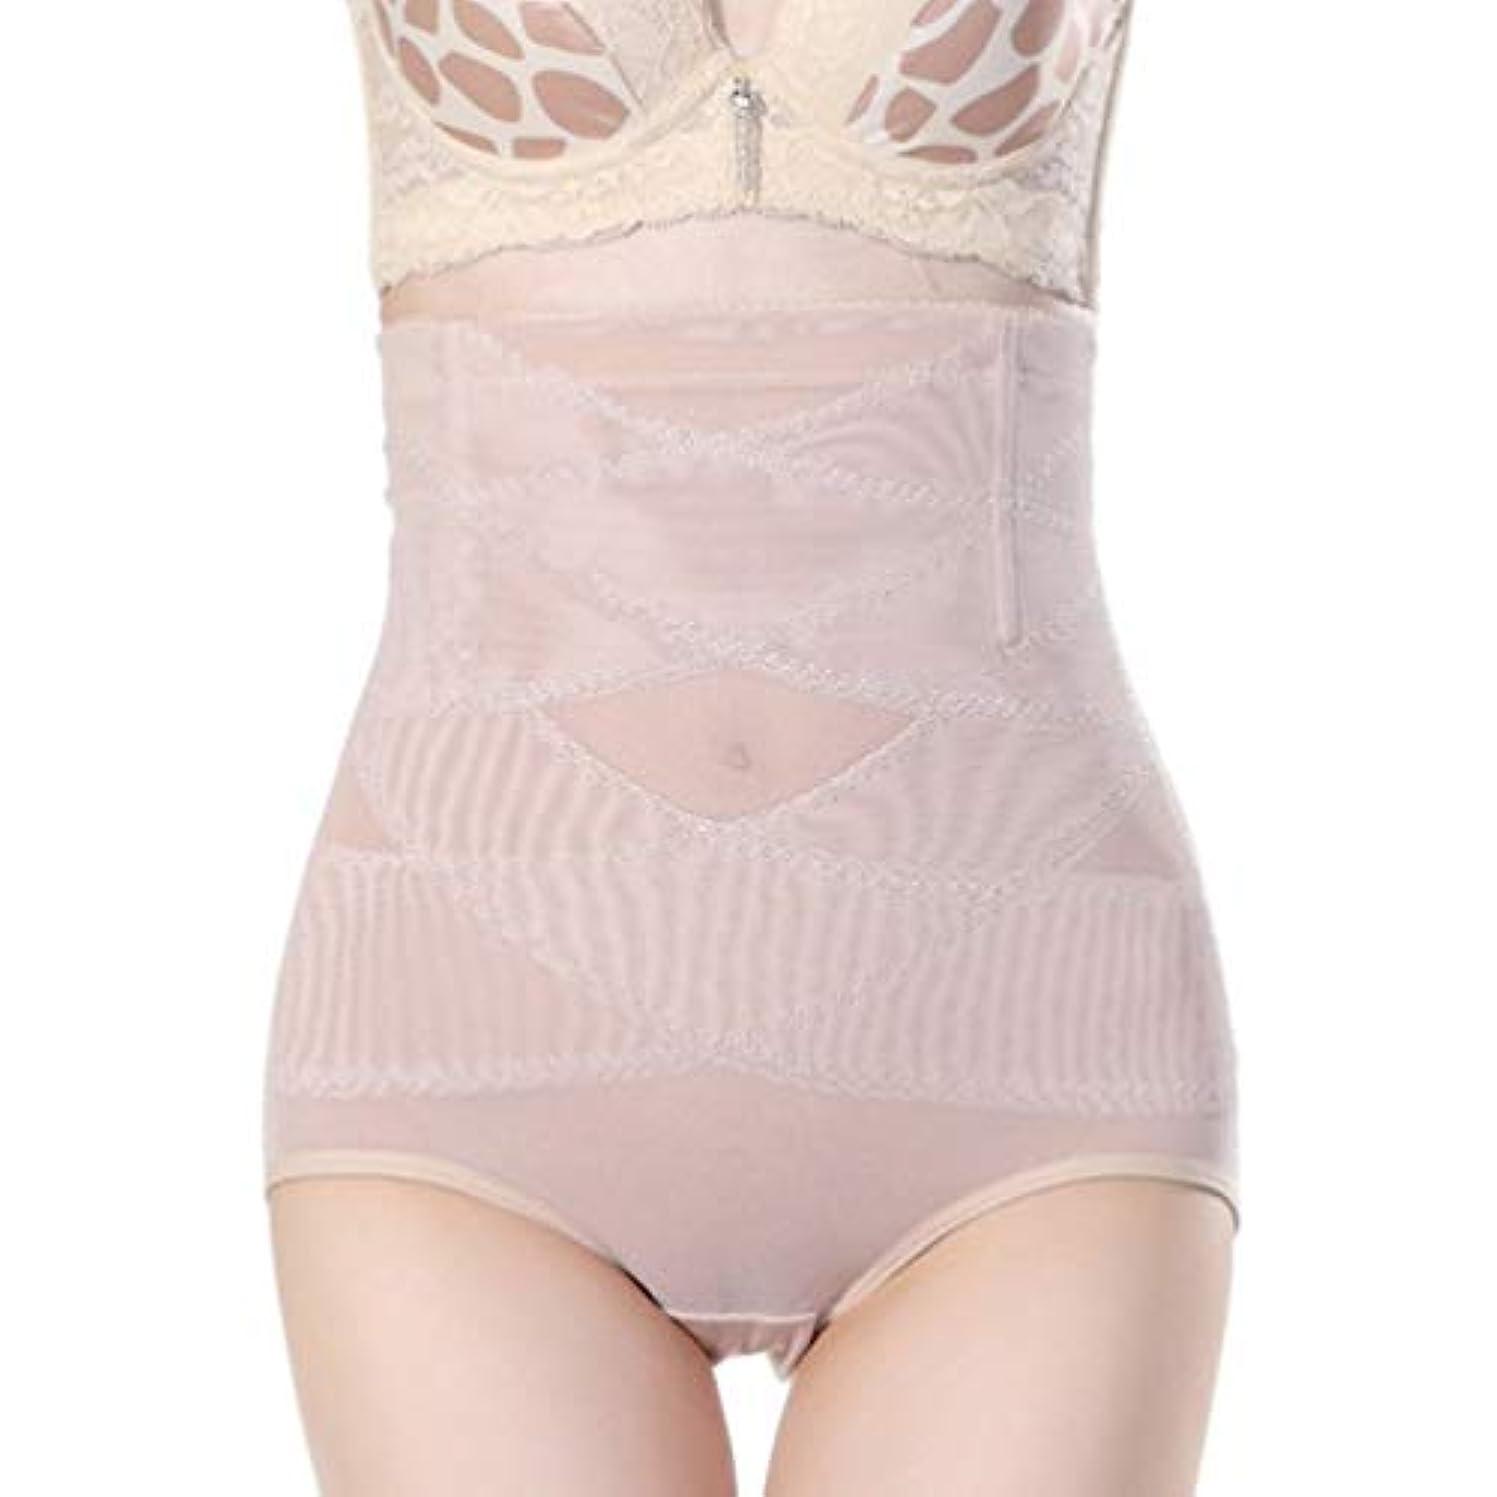 妊娠したメモアプト腹部制御下着シームレスおなかコントロールパンティーバットリフターボディシェイパーを痩身通気性のハイウエストの女性 - 肌色3 XL